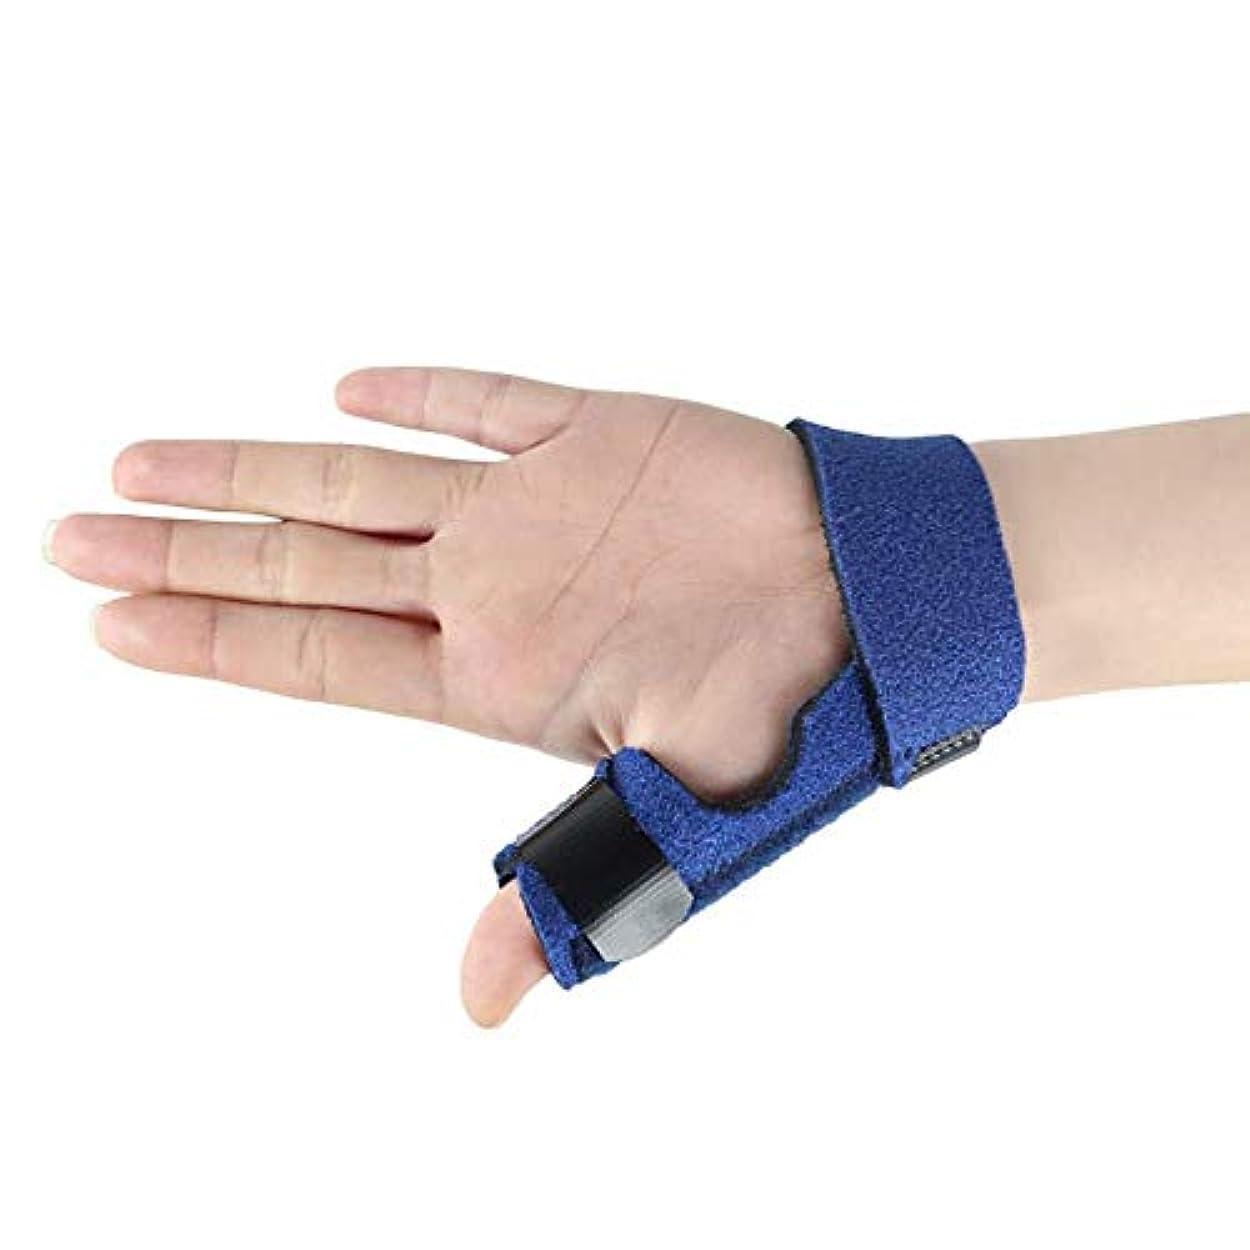 第九エミュレーション取り除く指の損傷のサポート、指の骨折の痛みの緩和、可動式、まっすぐ、ハンドプロテクター、固定ストラップ、指,1 Pair